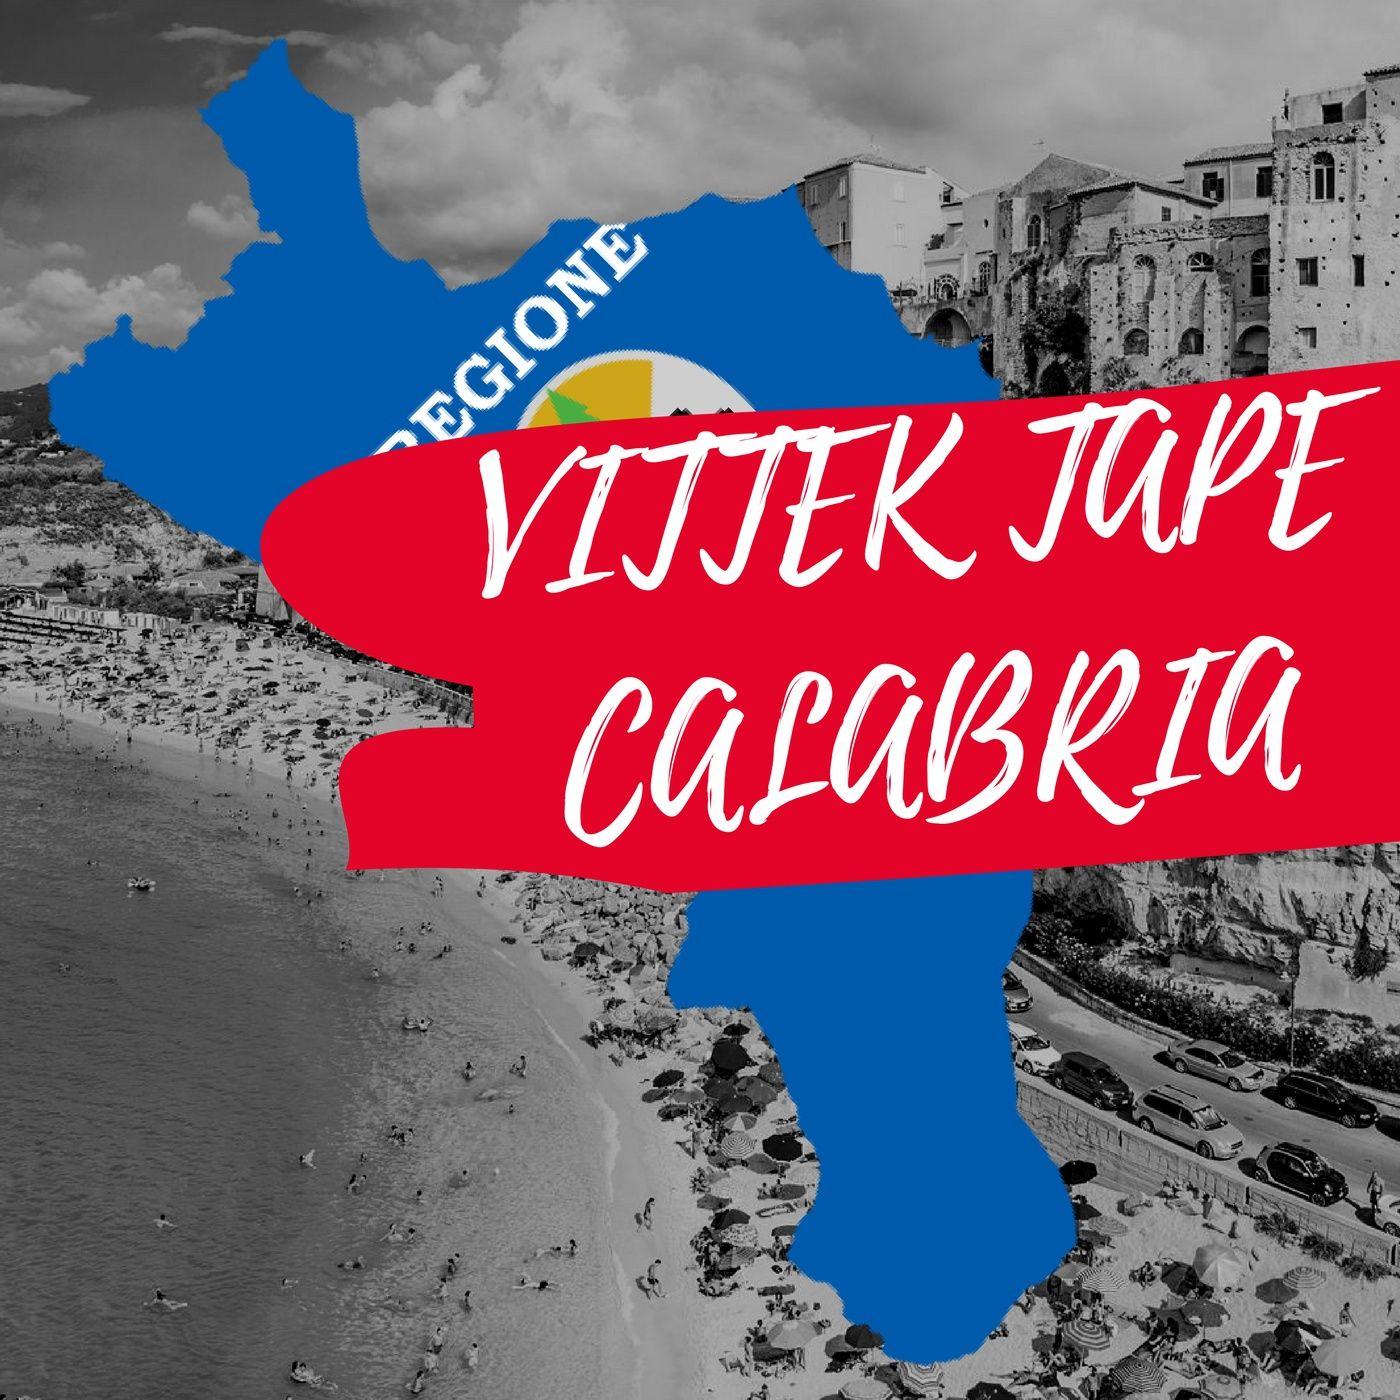 Vittek Tape Calabria